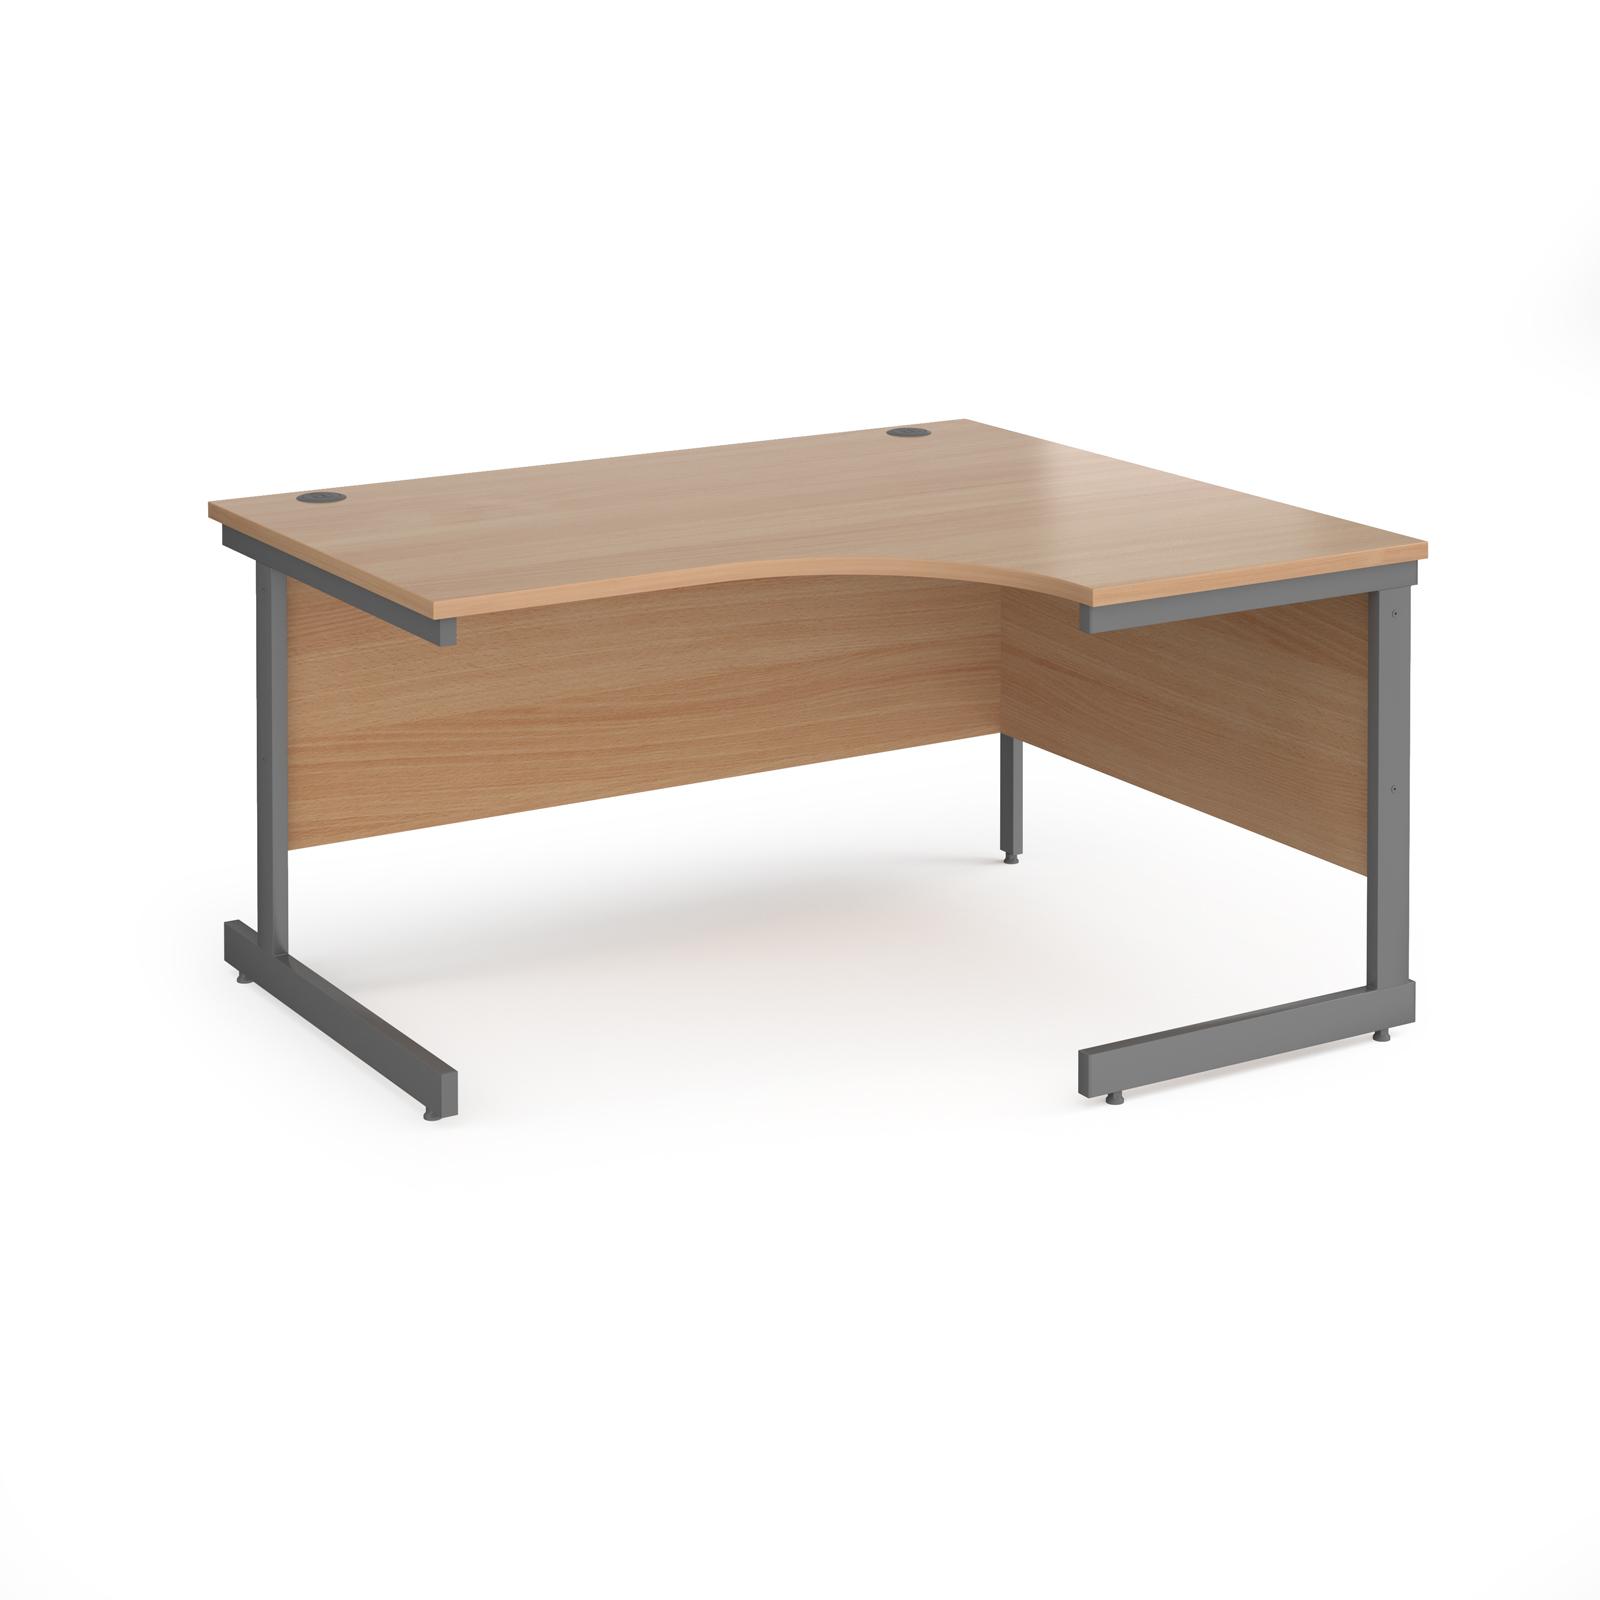 Curved Desks Contract 25 cantilever leg RH ergonomic desk